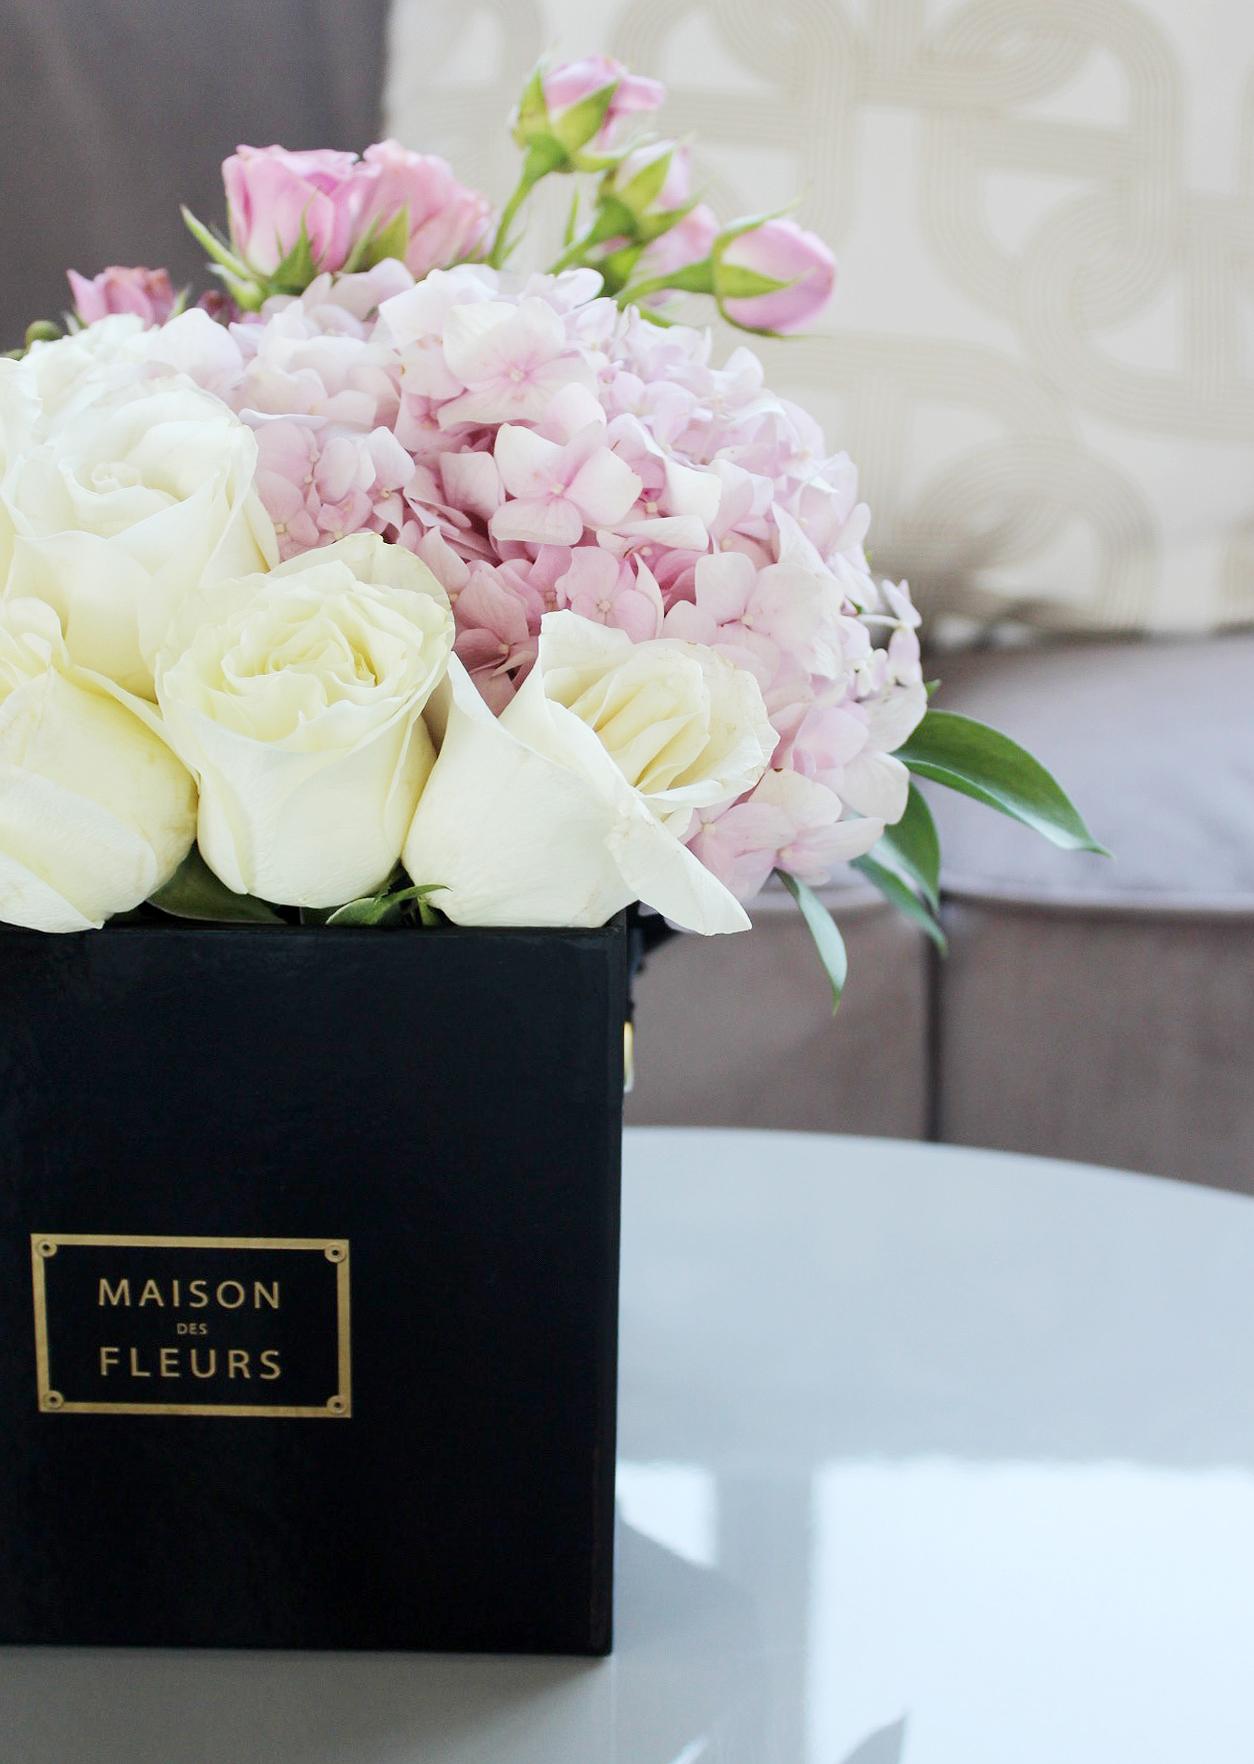 Brilliant blooms maison des fleurs bahrain confidential what kind of services does maison des fleurs offer for weddings altavistaventures Gallery